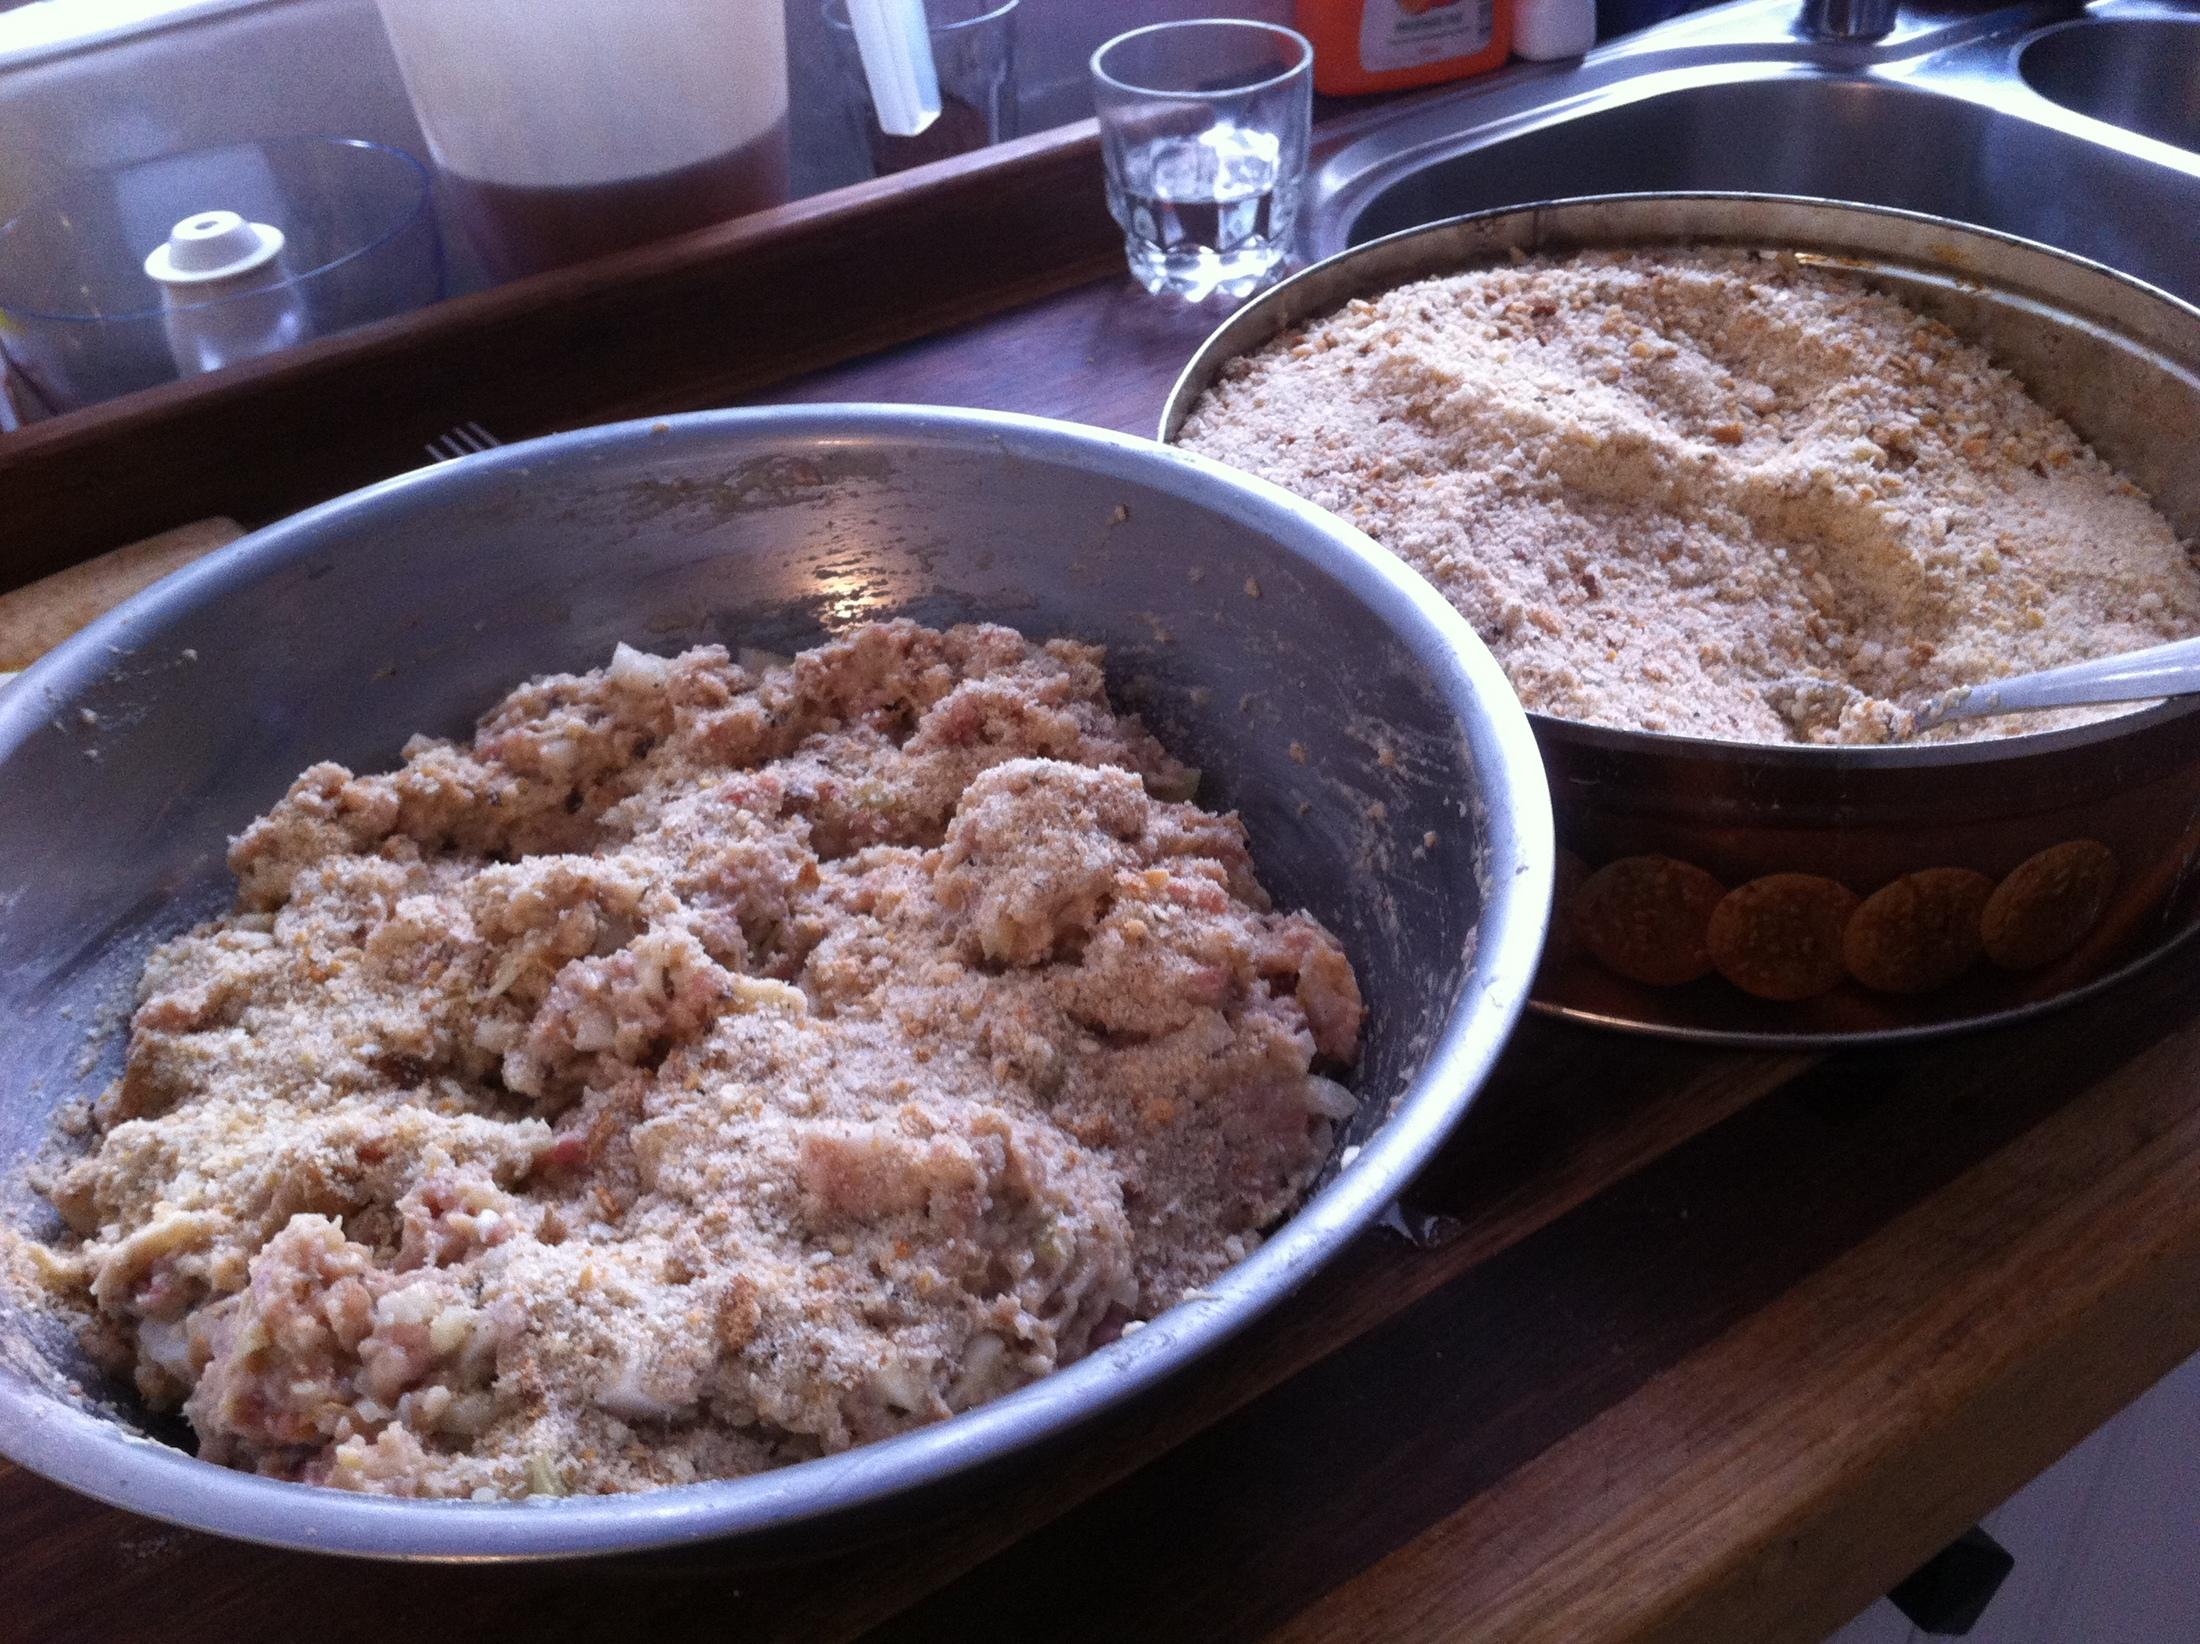 Recept Domácí sekaná - posypu trochou strouhanky a zamicham